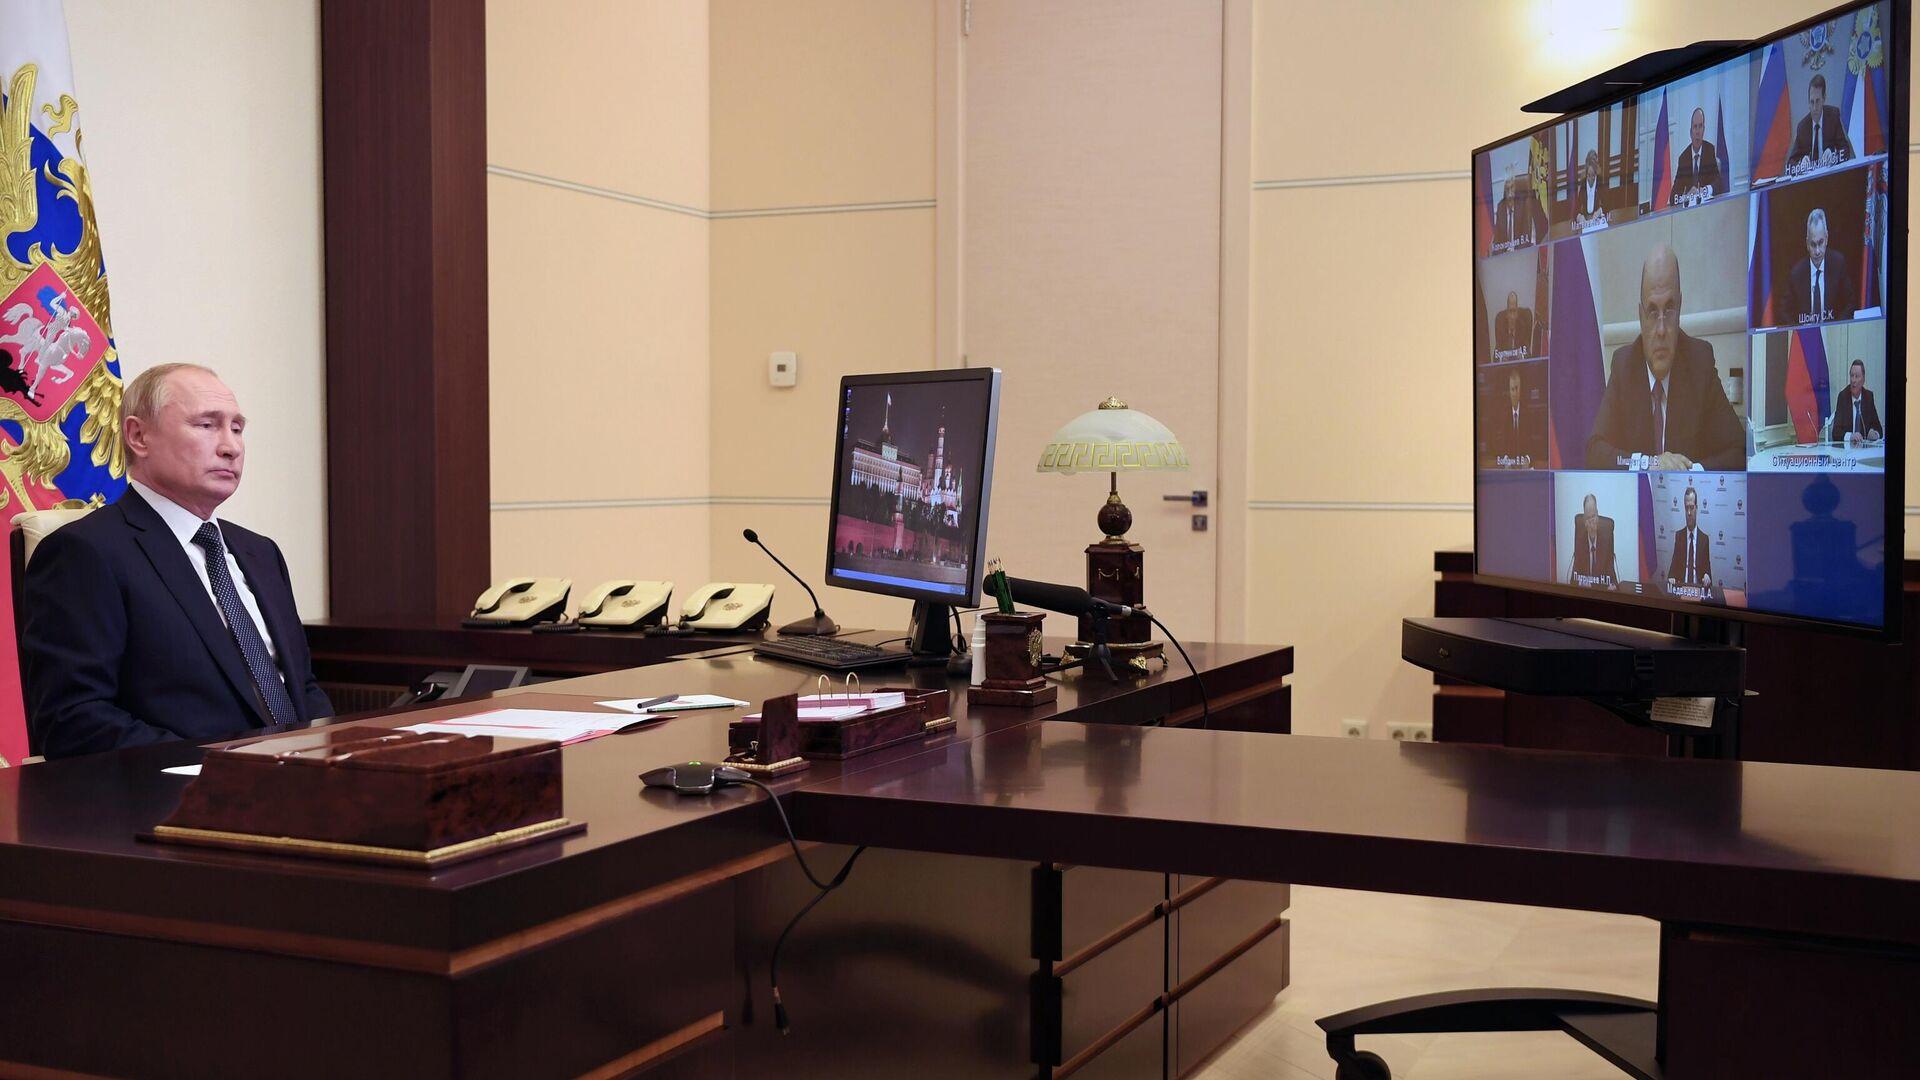 Президент РФ Владимир Путин проводит оперативное совещание с постоянными членами Совета безопасности РФ в режиме видеоконференции - РИА Новости, 1920, 30.10.2020